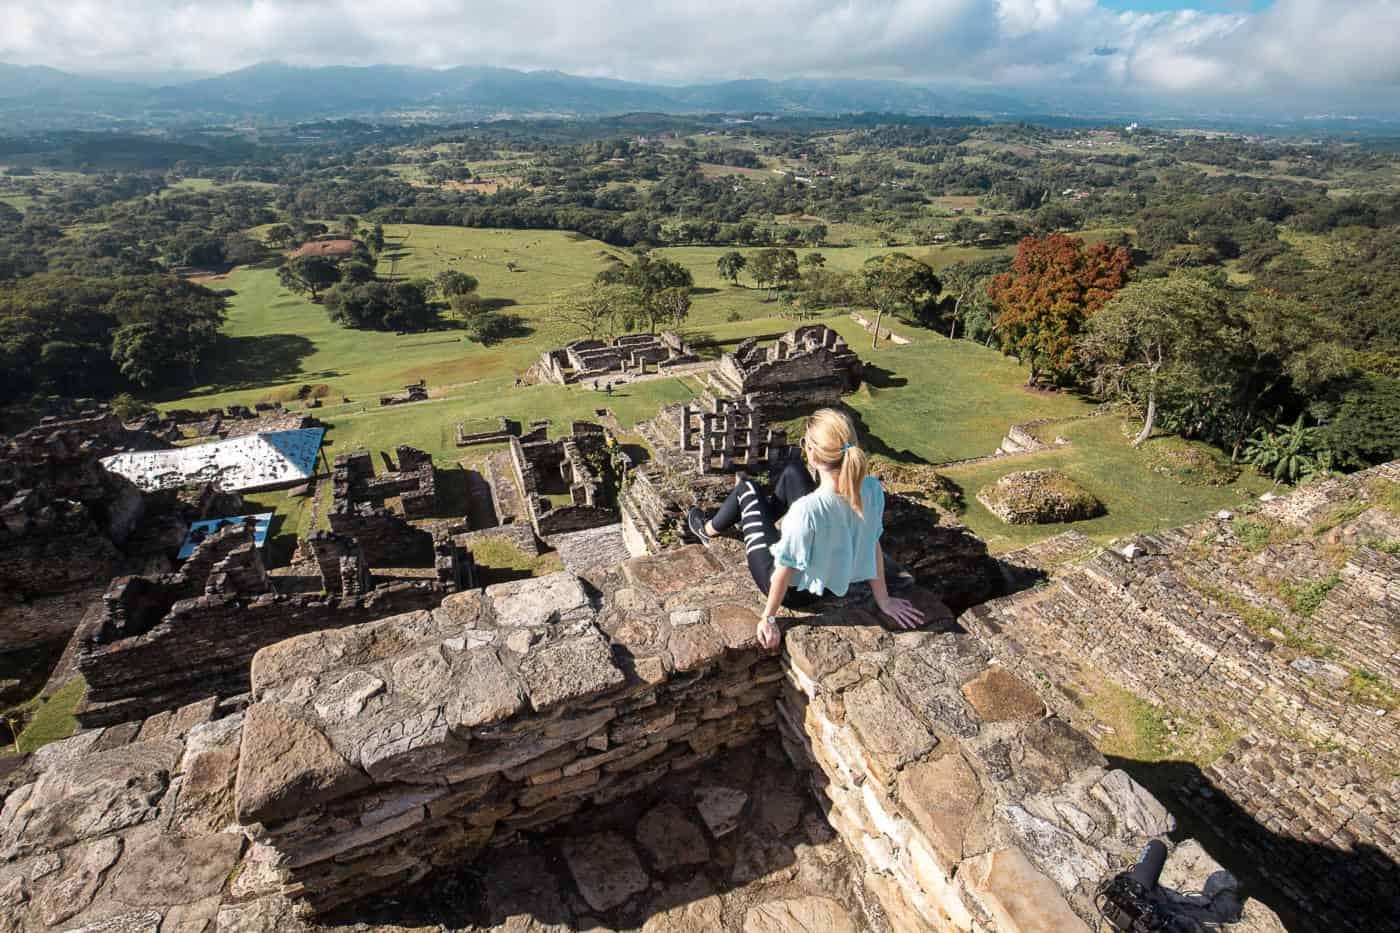 Tonina Mayan ruins in Chiapas, Mexico